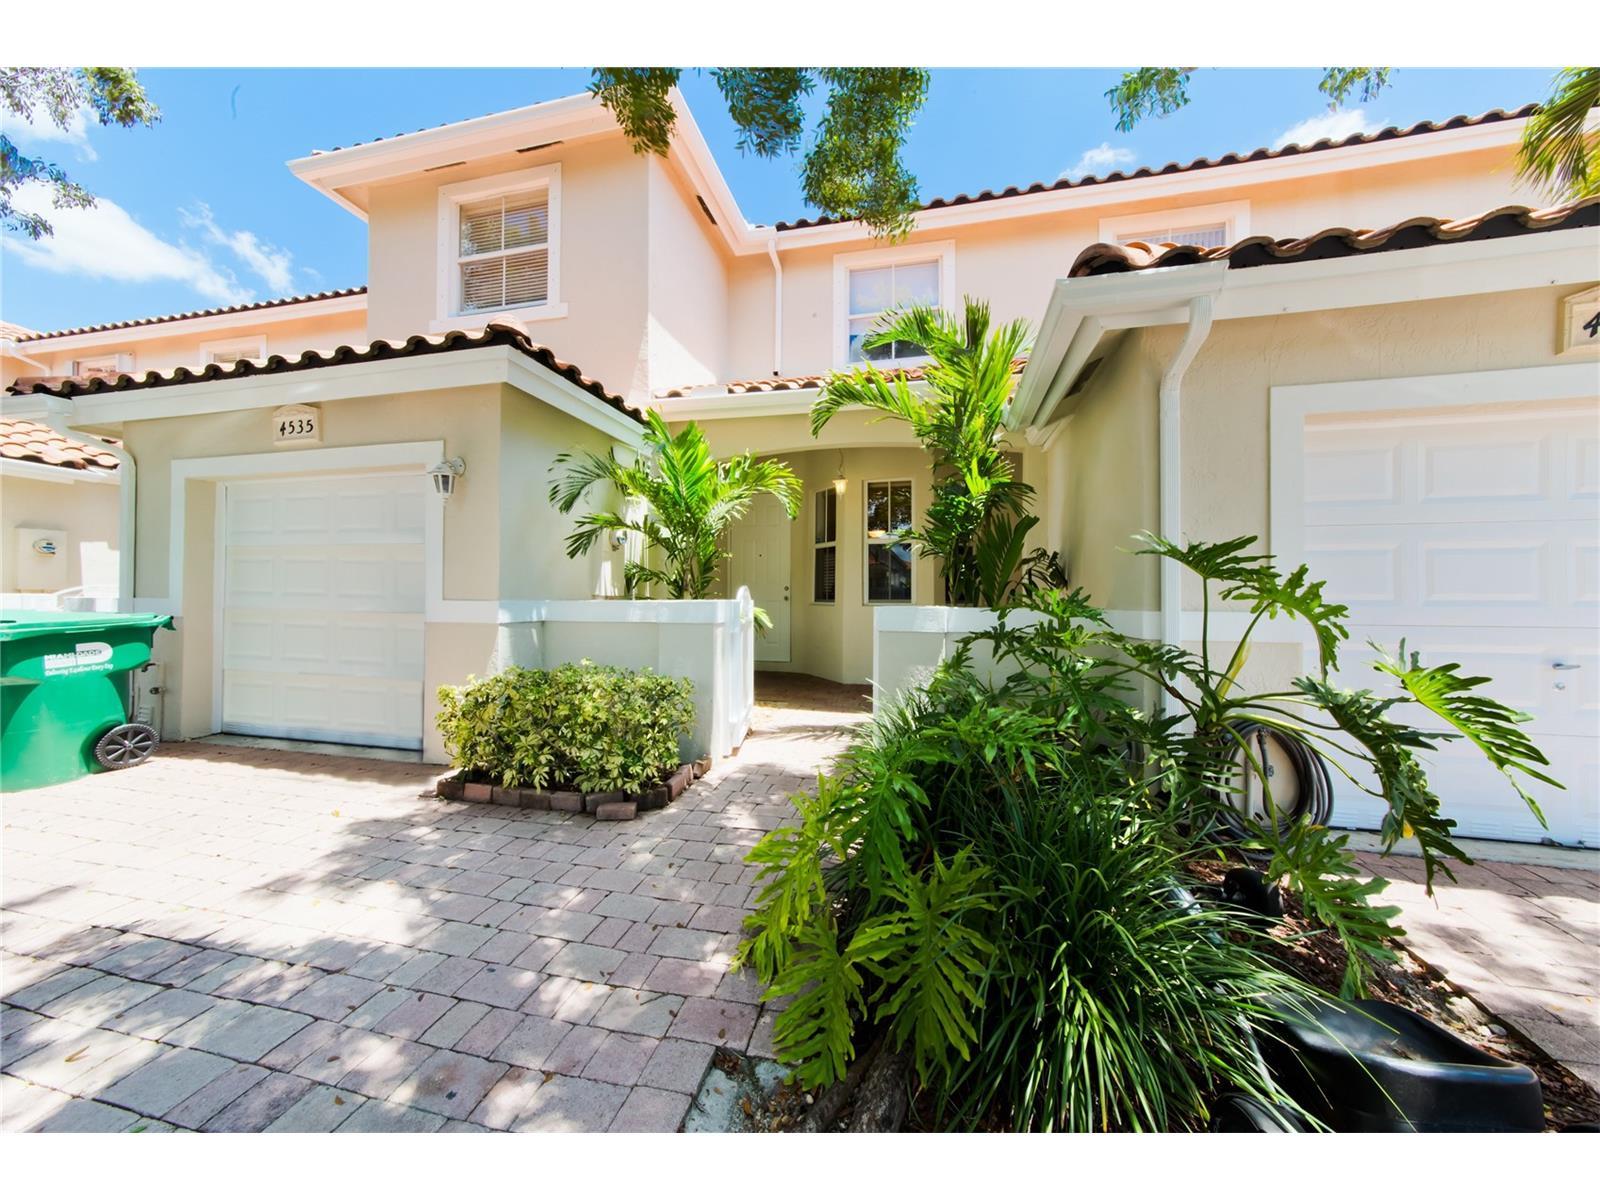 Casa A La Venta En Miami Doral Chase Geobienes